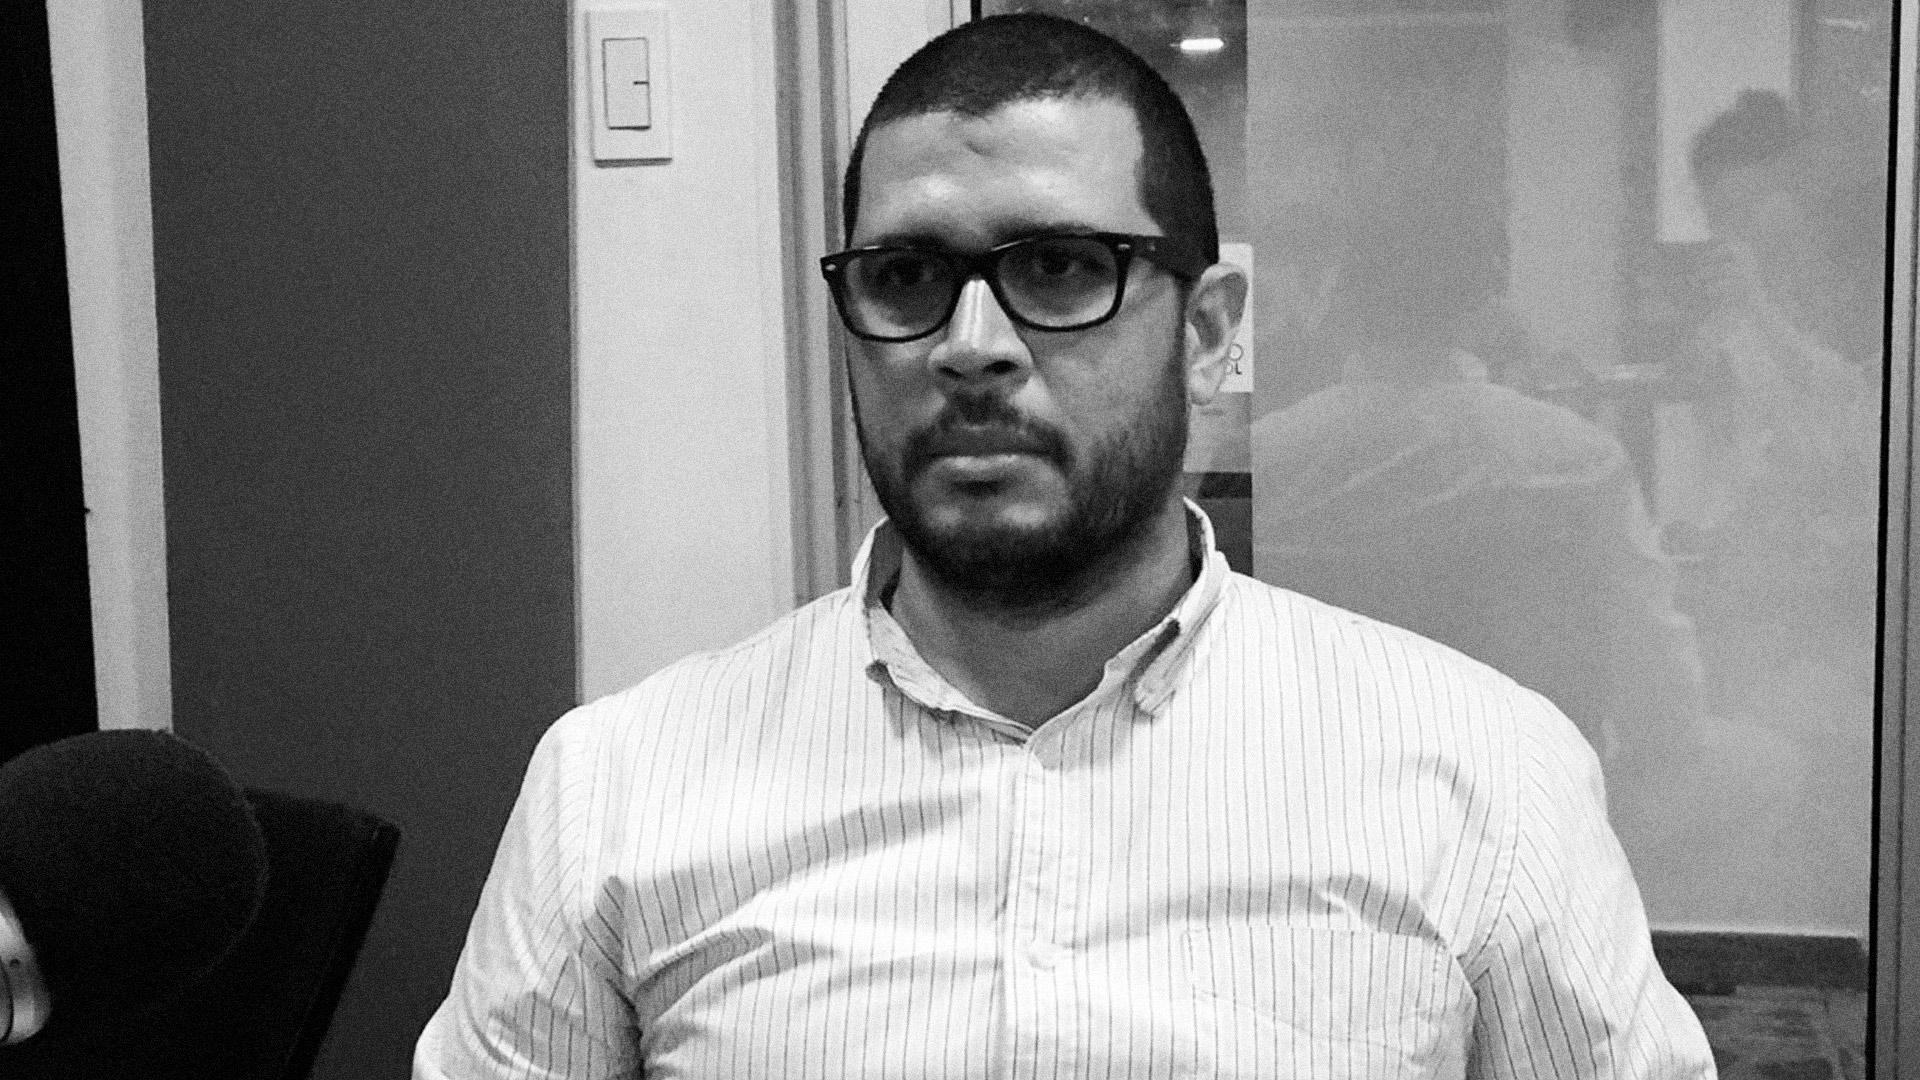 El exilio de Luis Trejos, el investigador del paramilitarismo en el Caribe